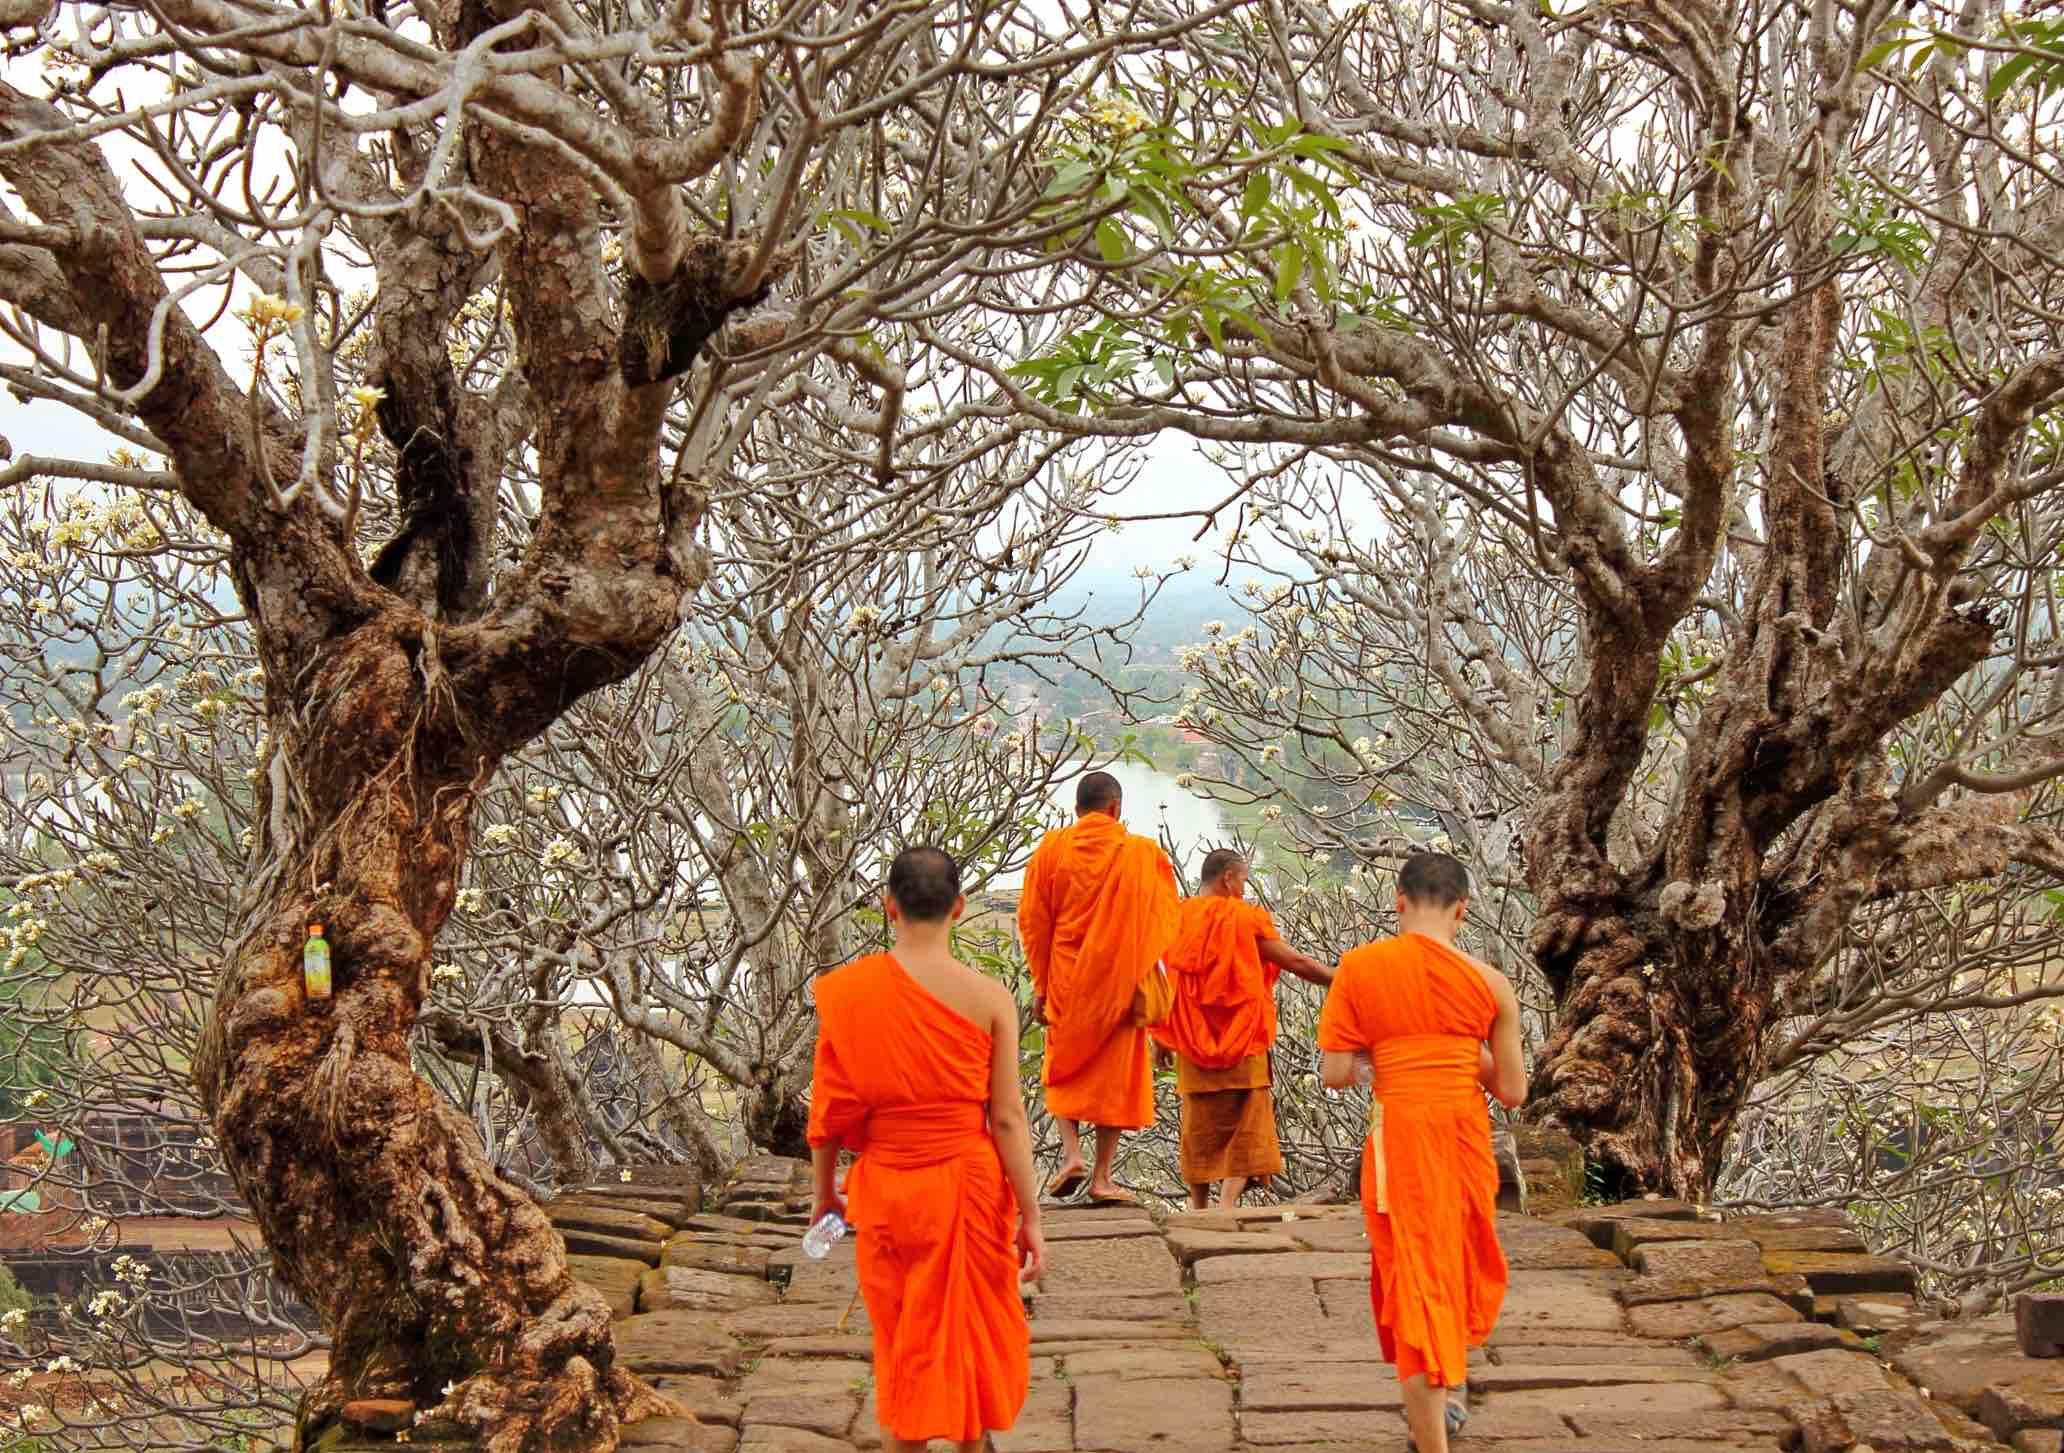 Monks in orange robes visitingWat Phu temple